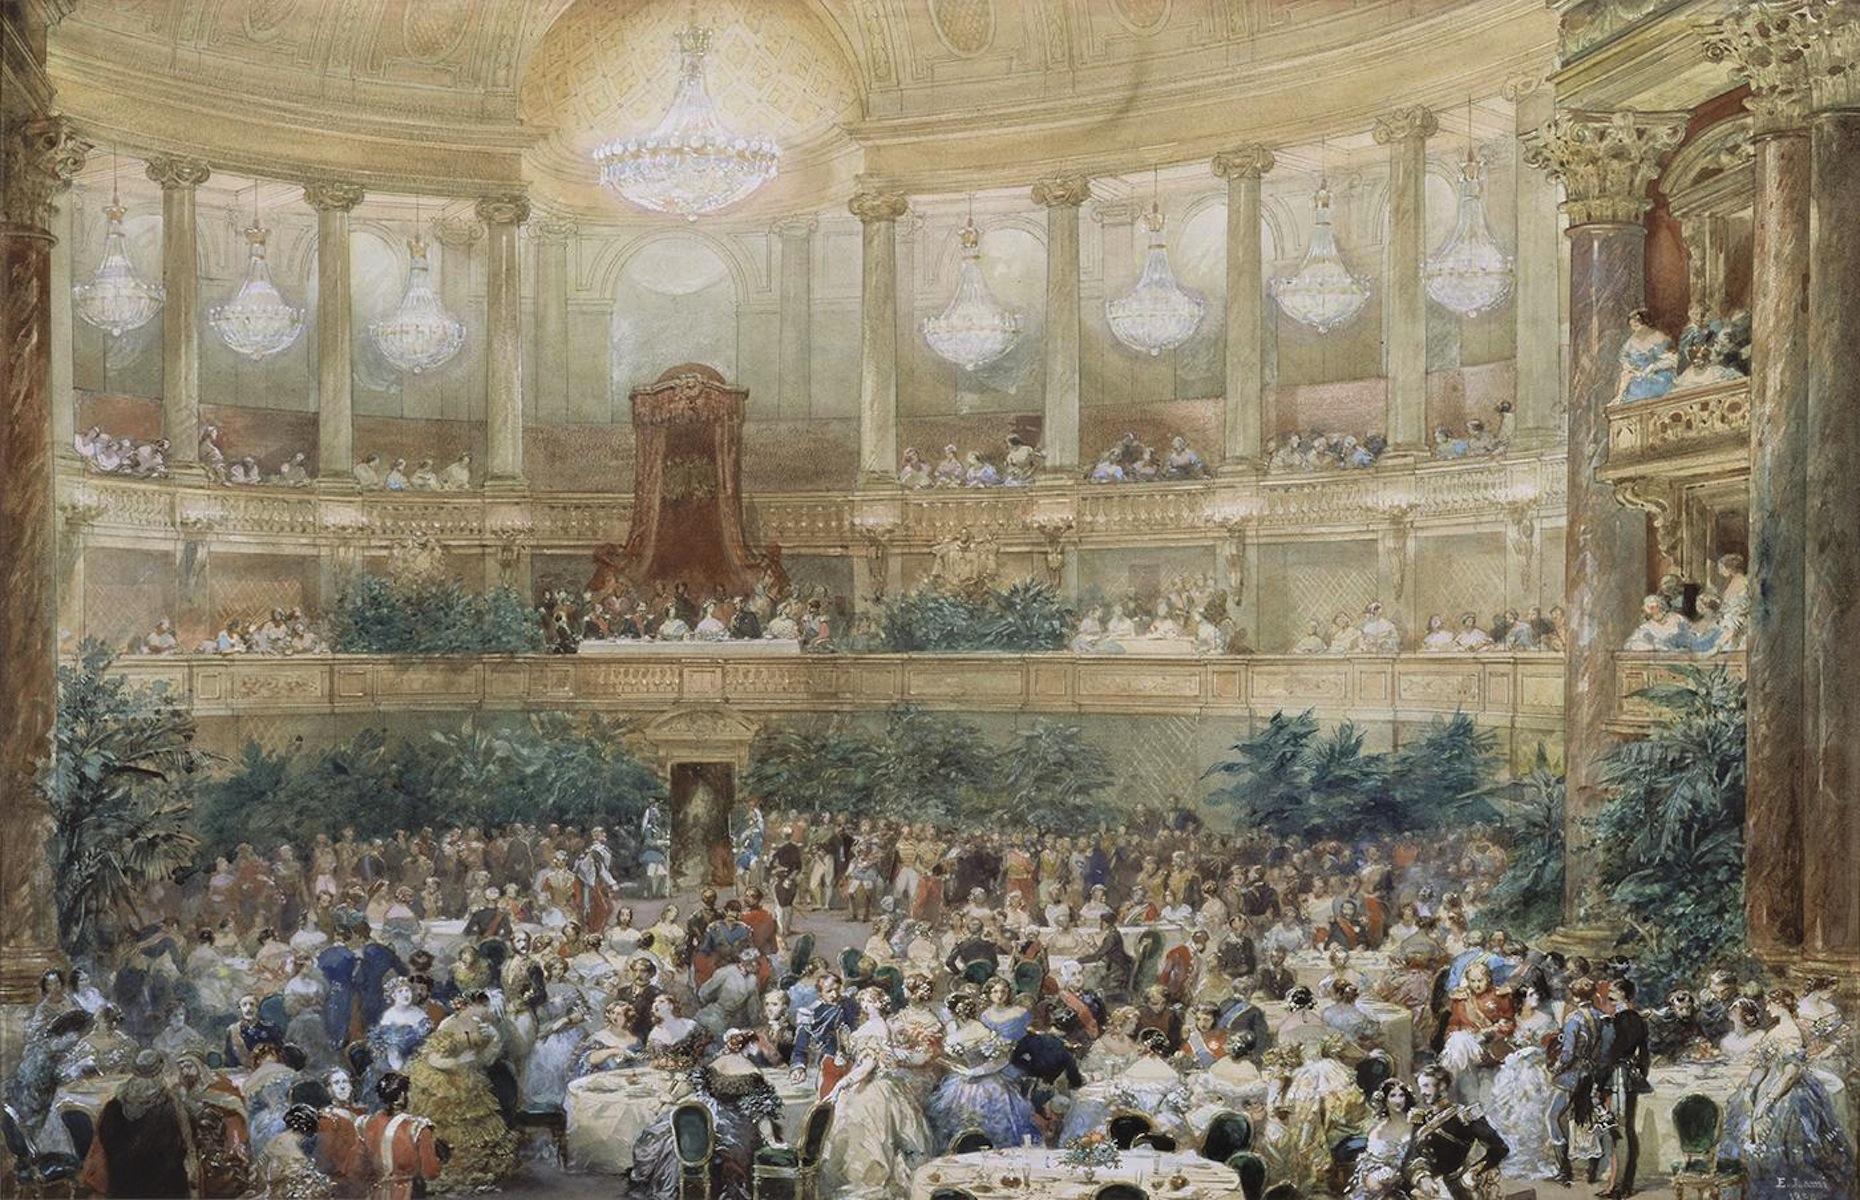 1855 visite de la reine victoria paris en 1855 le for Salle de bain louis xv versailles